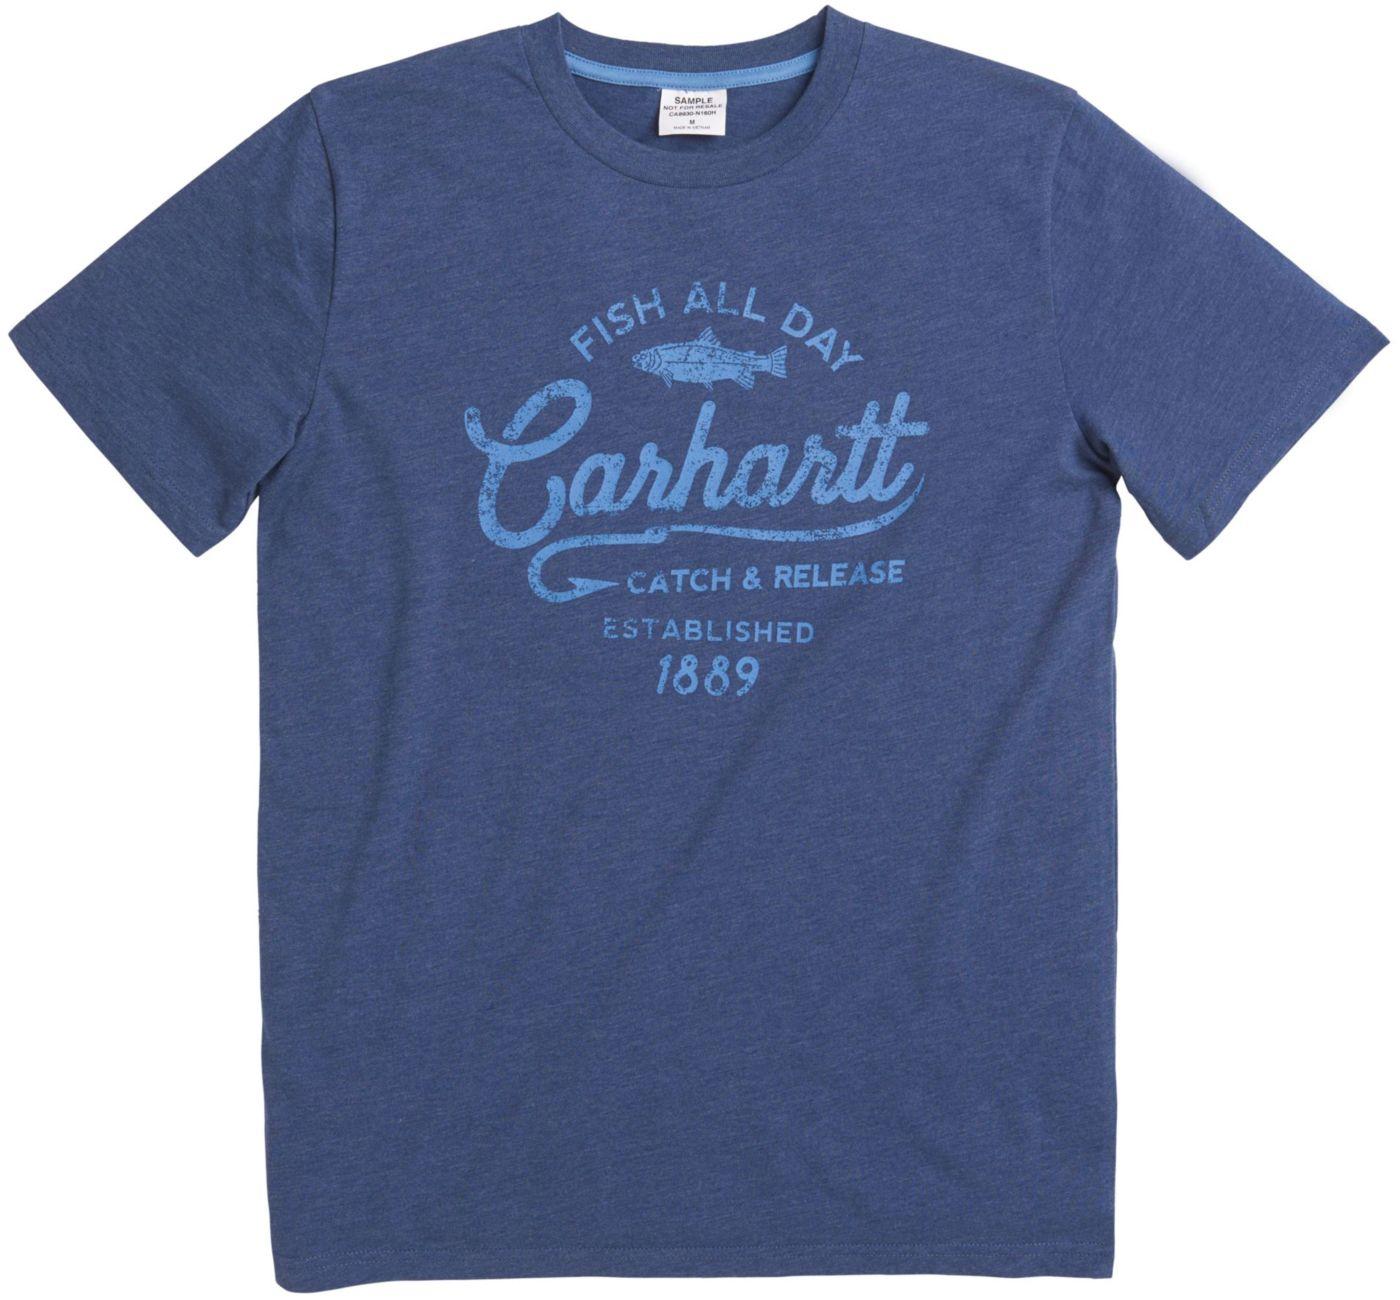 Carhartt Little Boys' Fish All Day T-Shirt